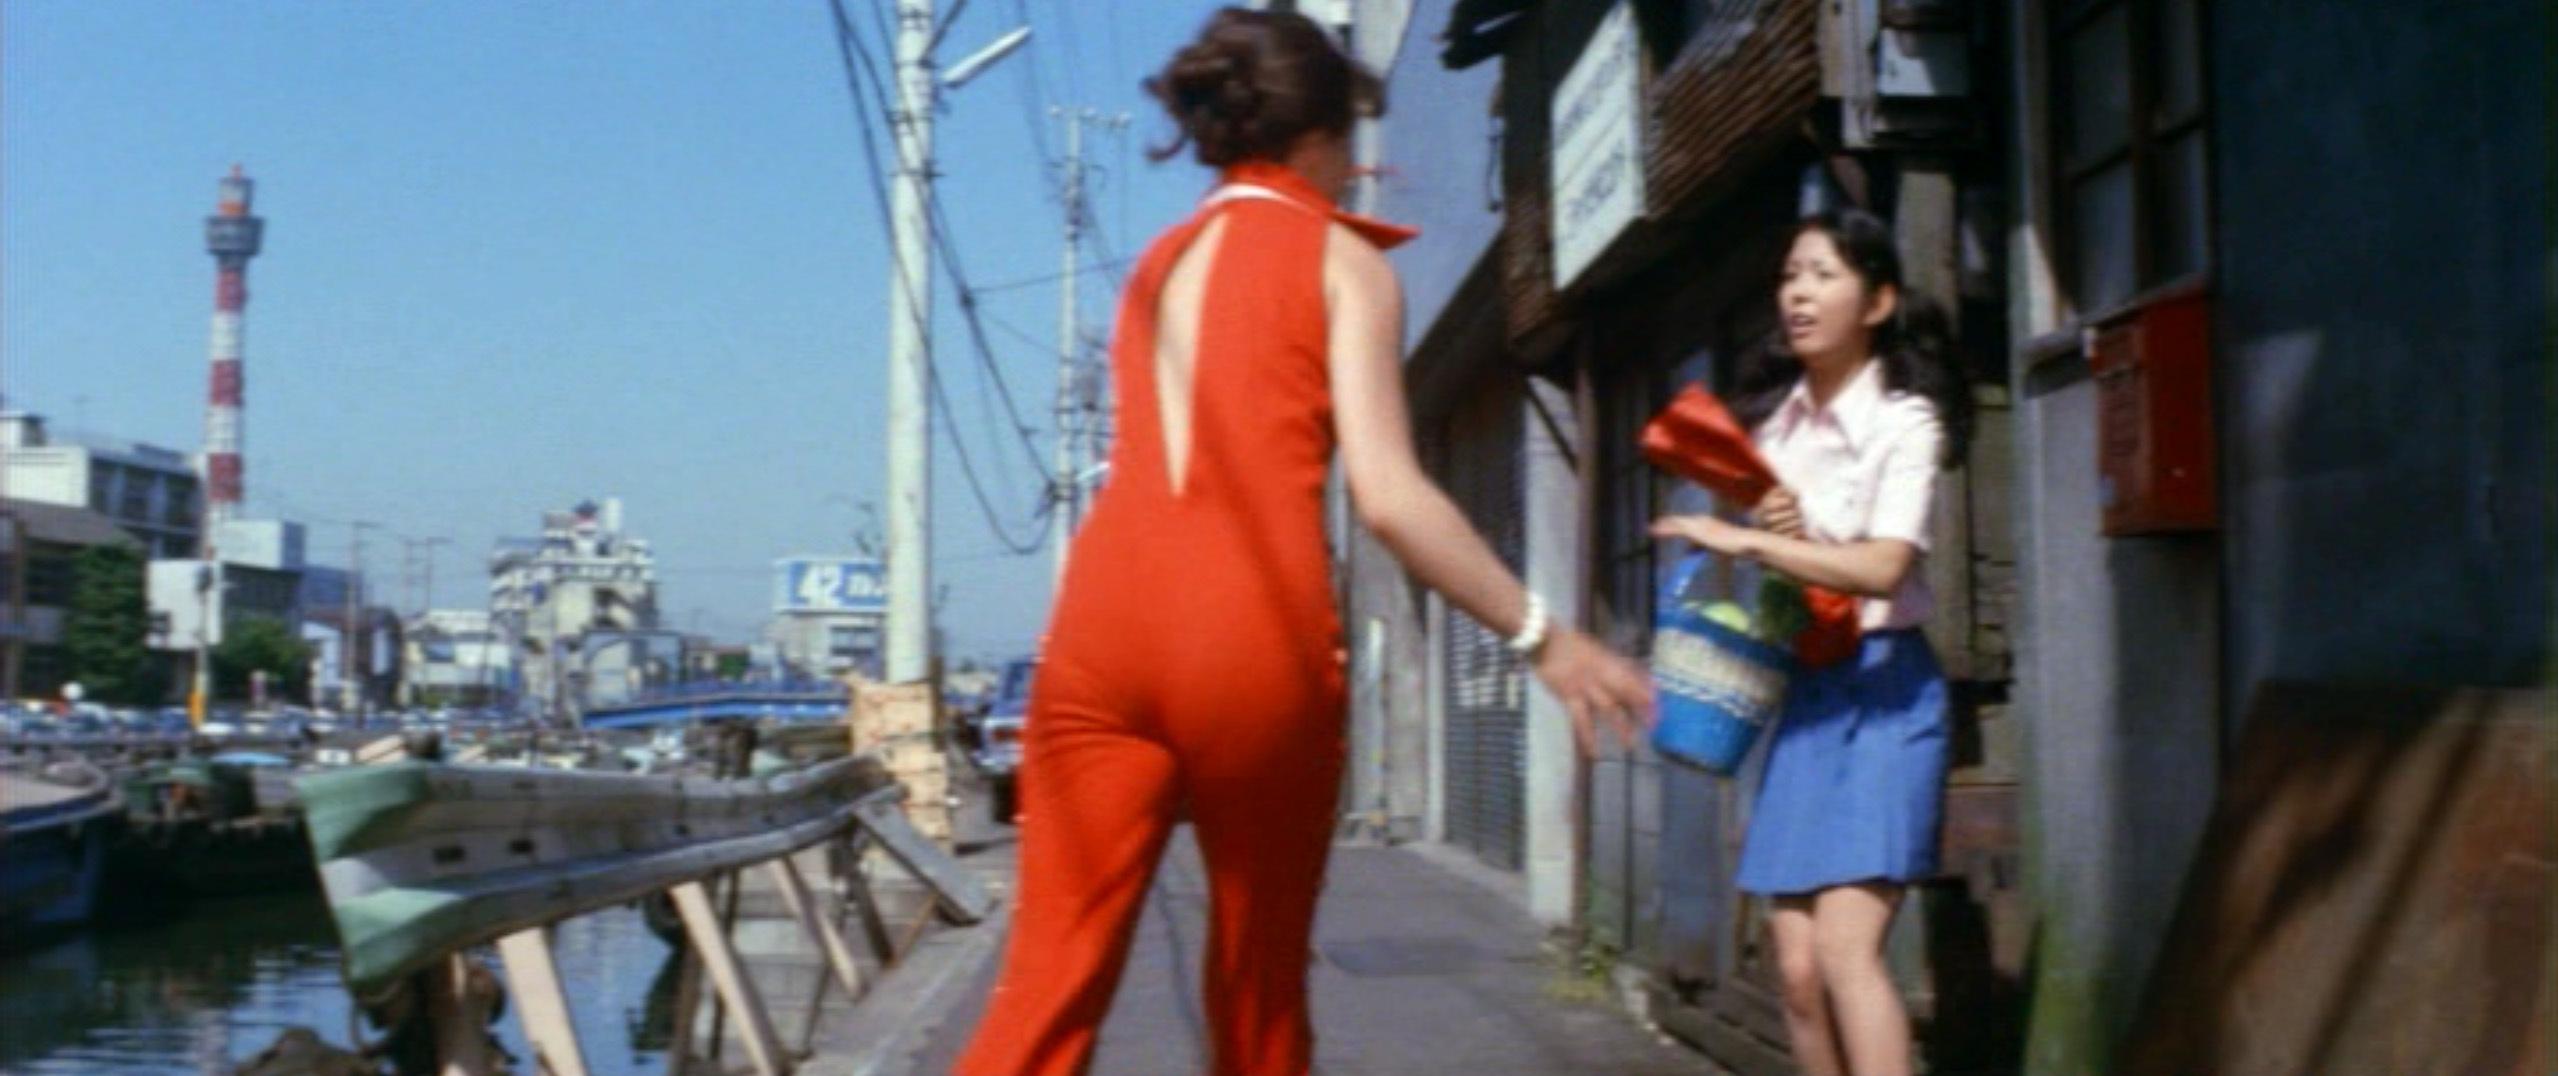 市毛良枝(Yoshie Ichige)「混血児リカ ハマぐれ子守唄」(1973)・・・《前半》_e0042361_20452866.jpg